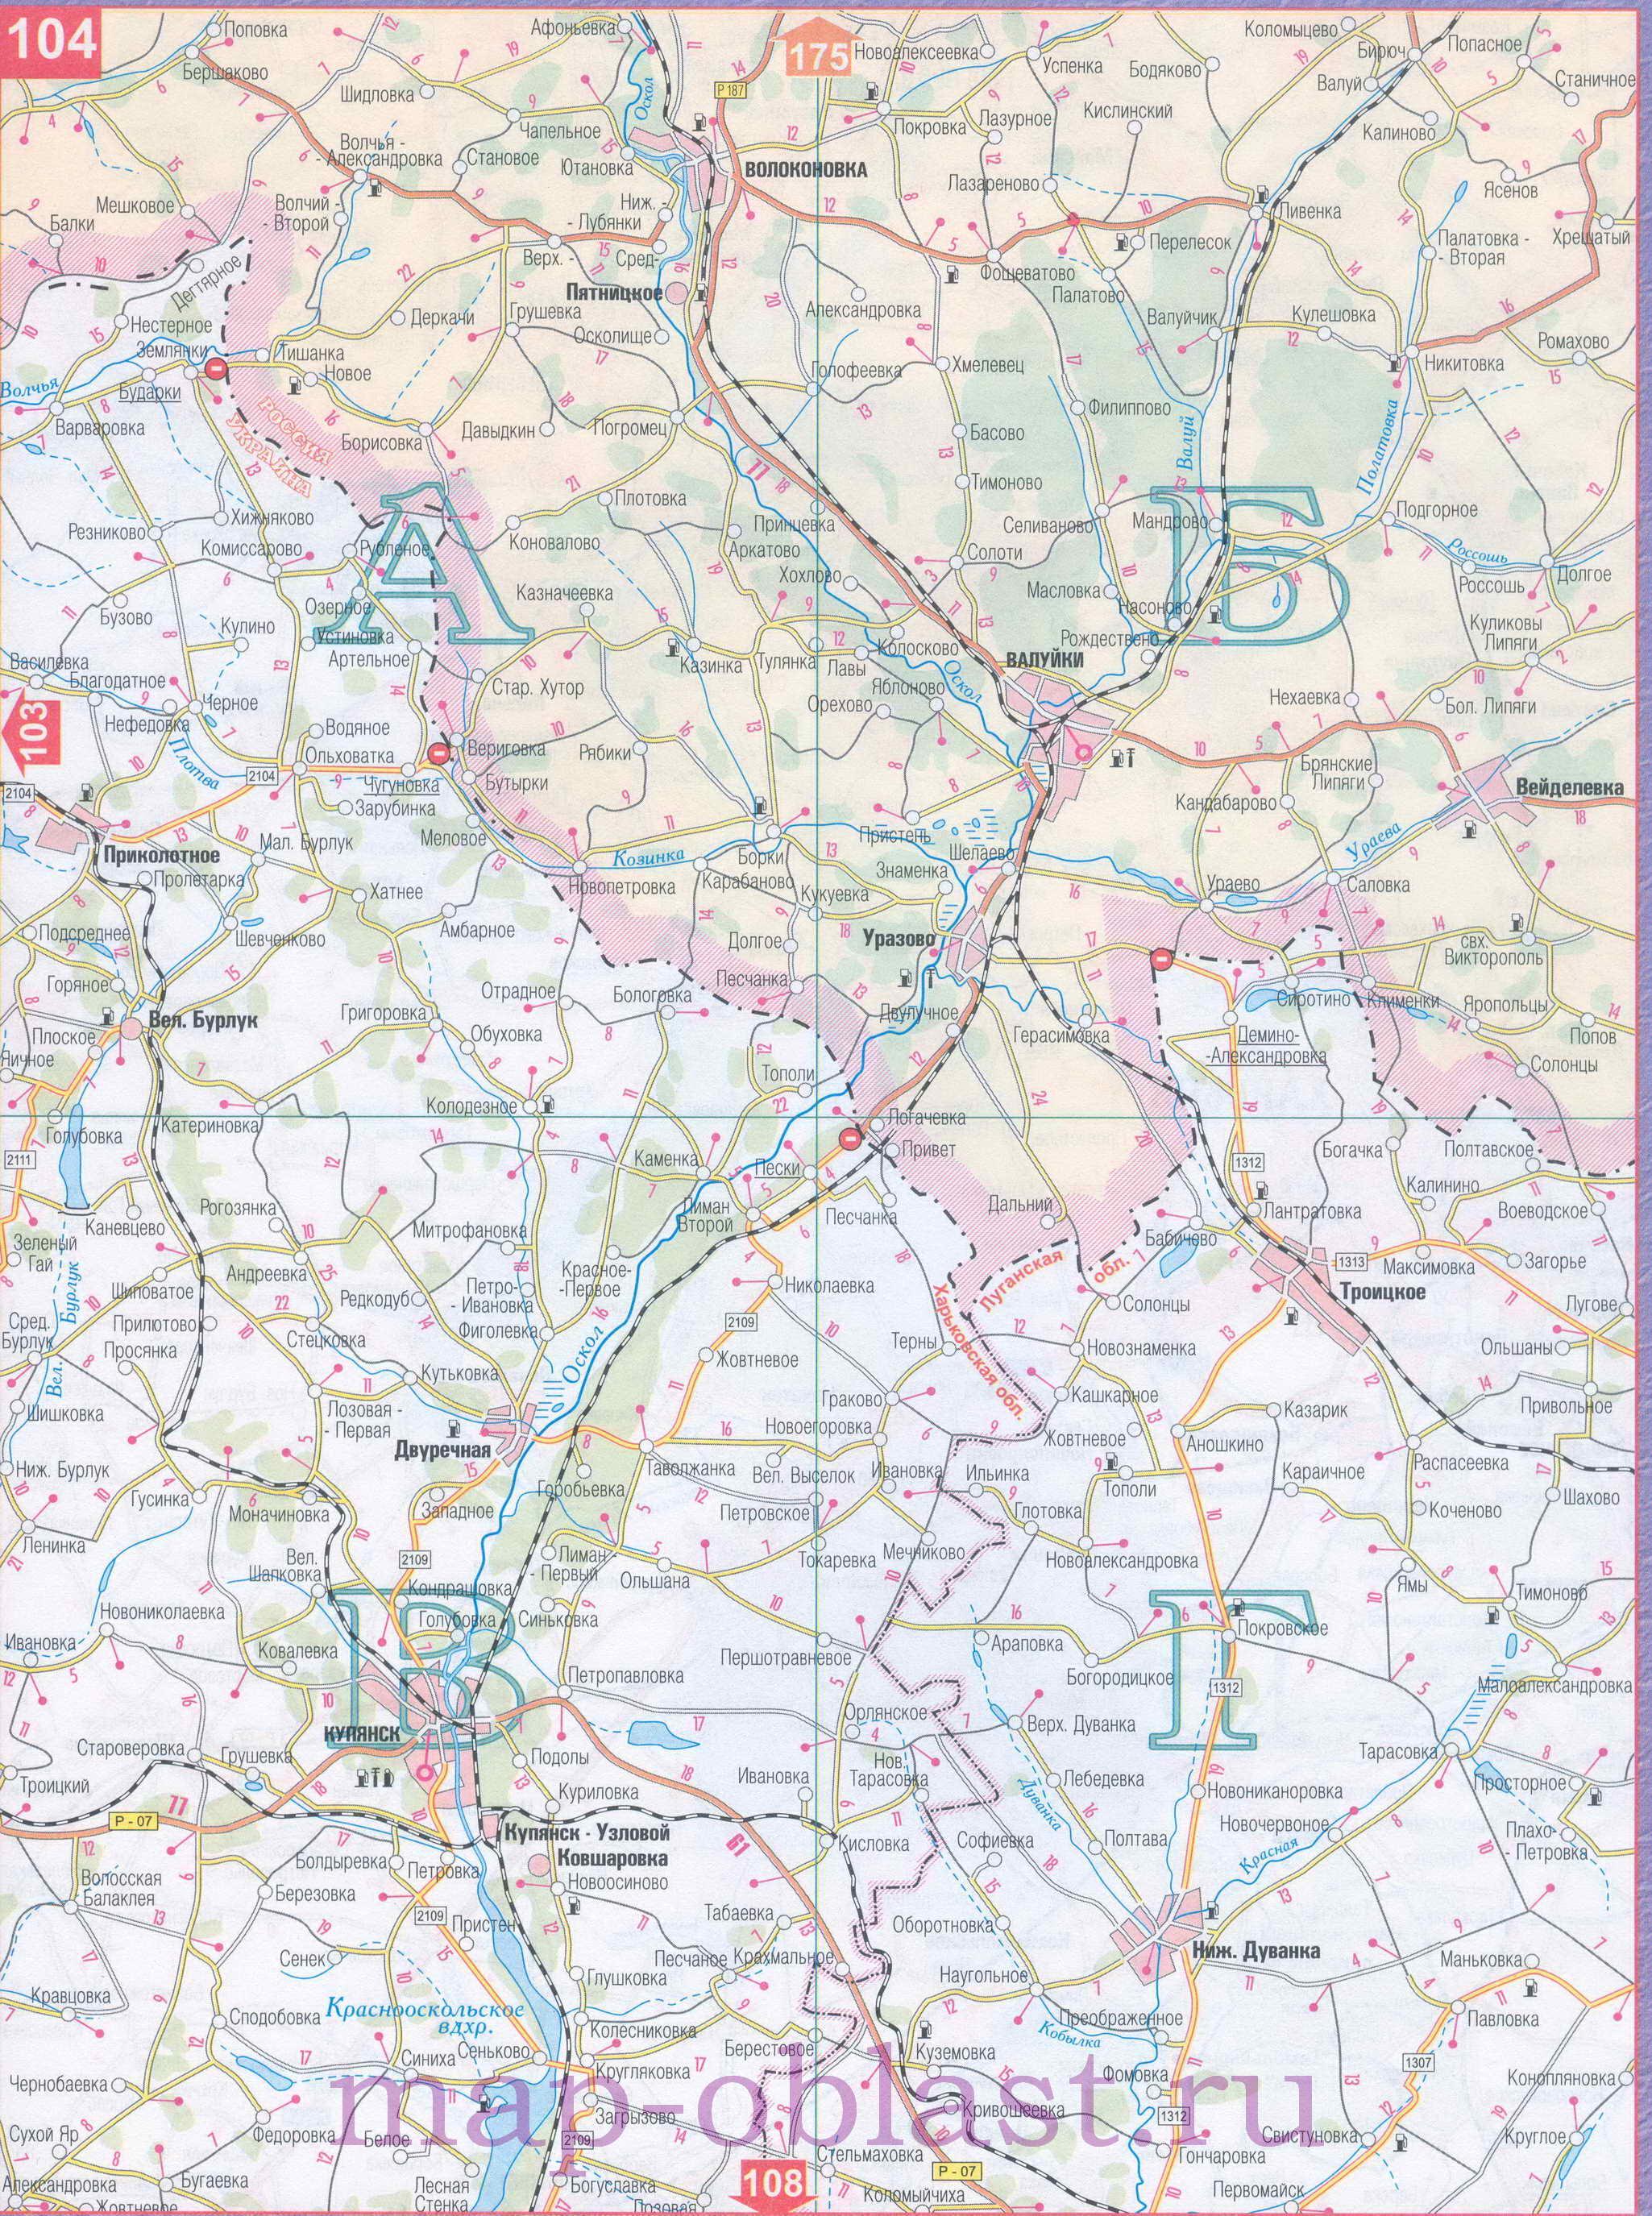 Карты Украины | Подробная карта Украины с городами и ...